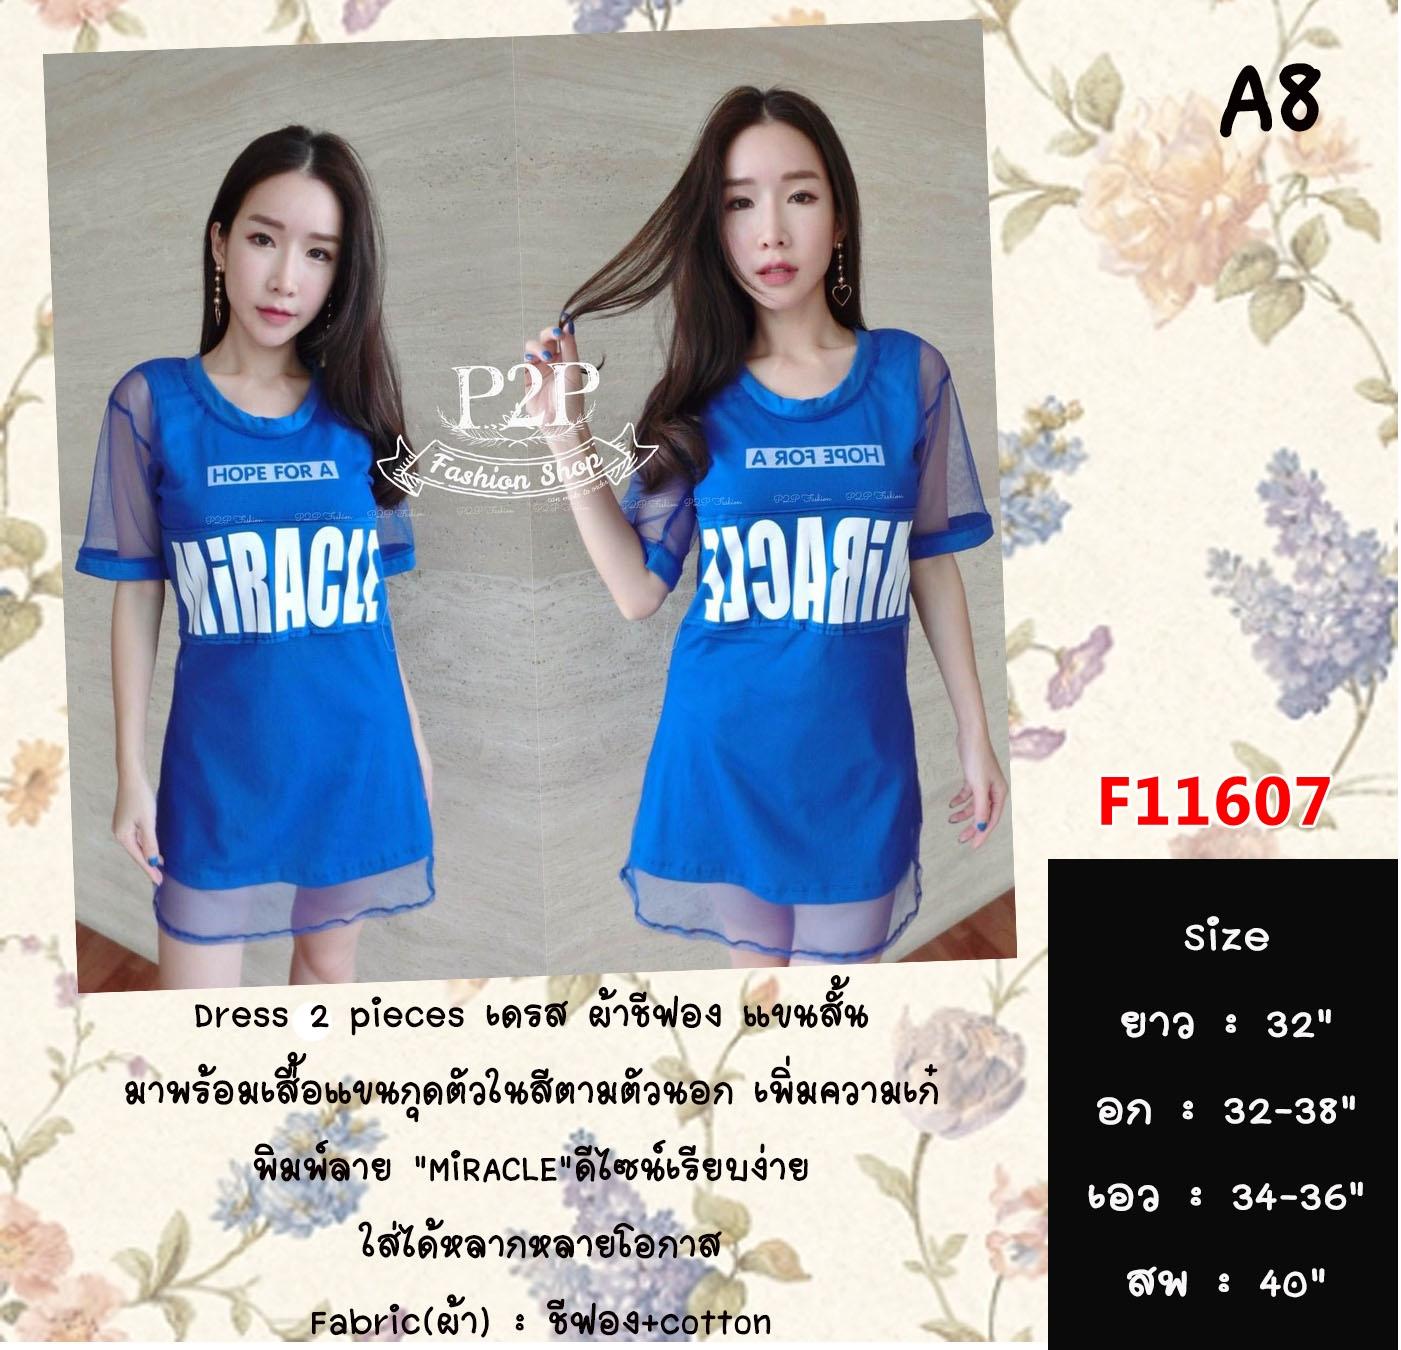 F11607 Dress 2 Pices ผ้าชีฟองแขนสั้น สีน่้ำเงิน